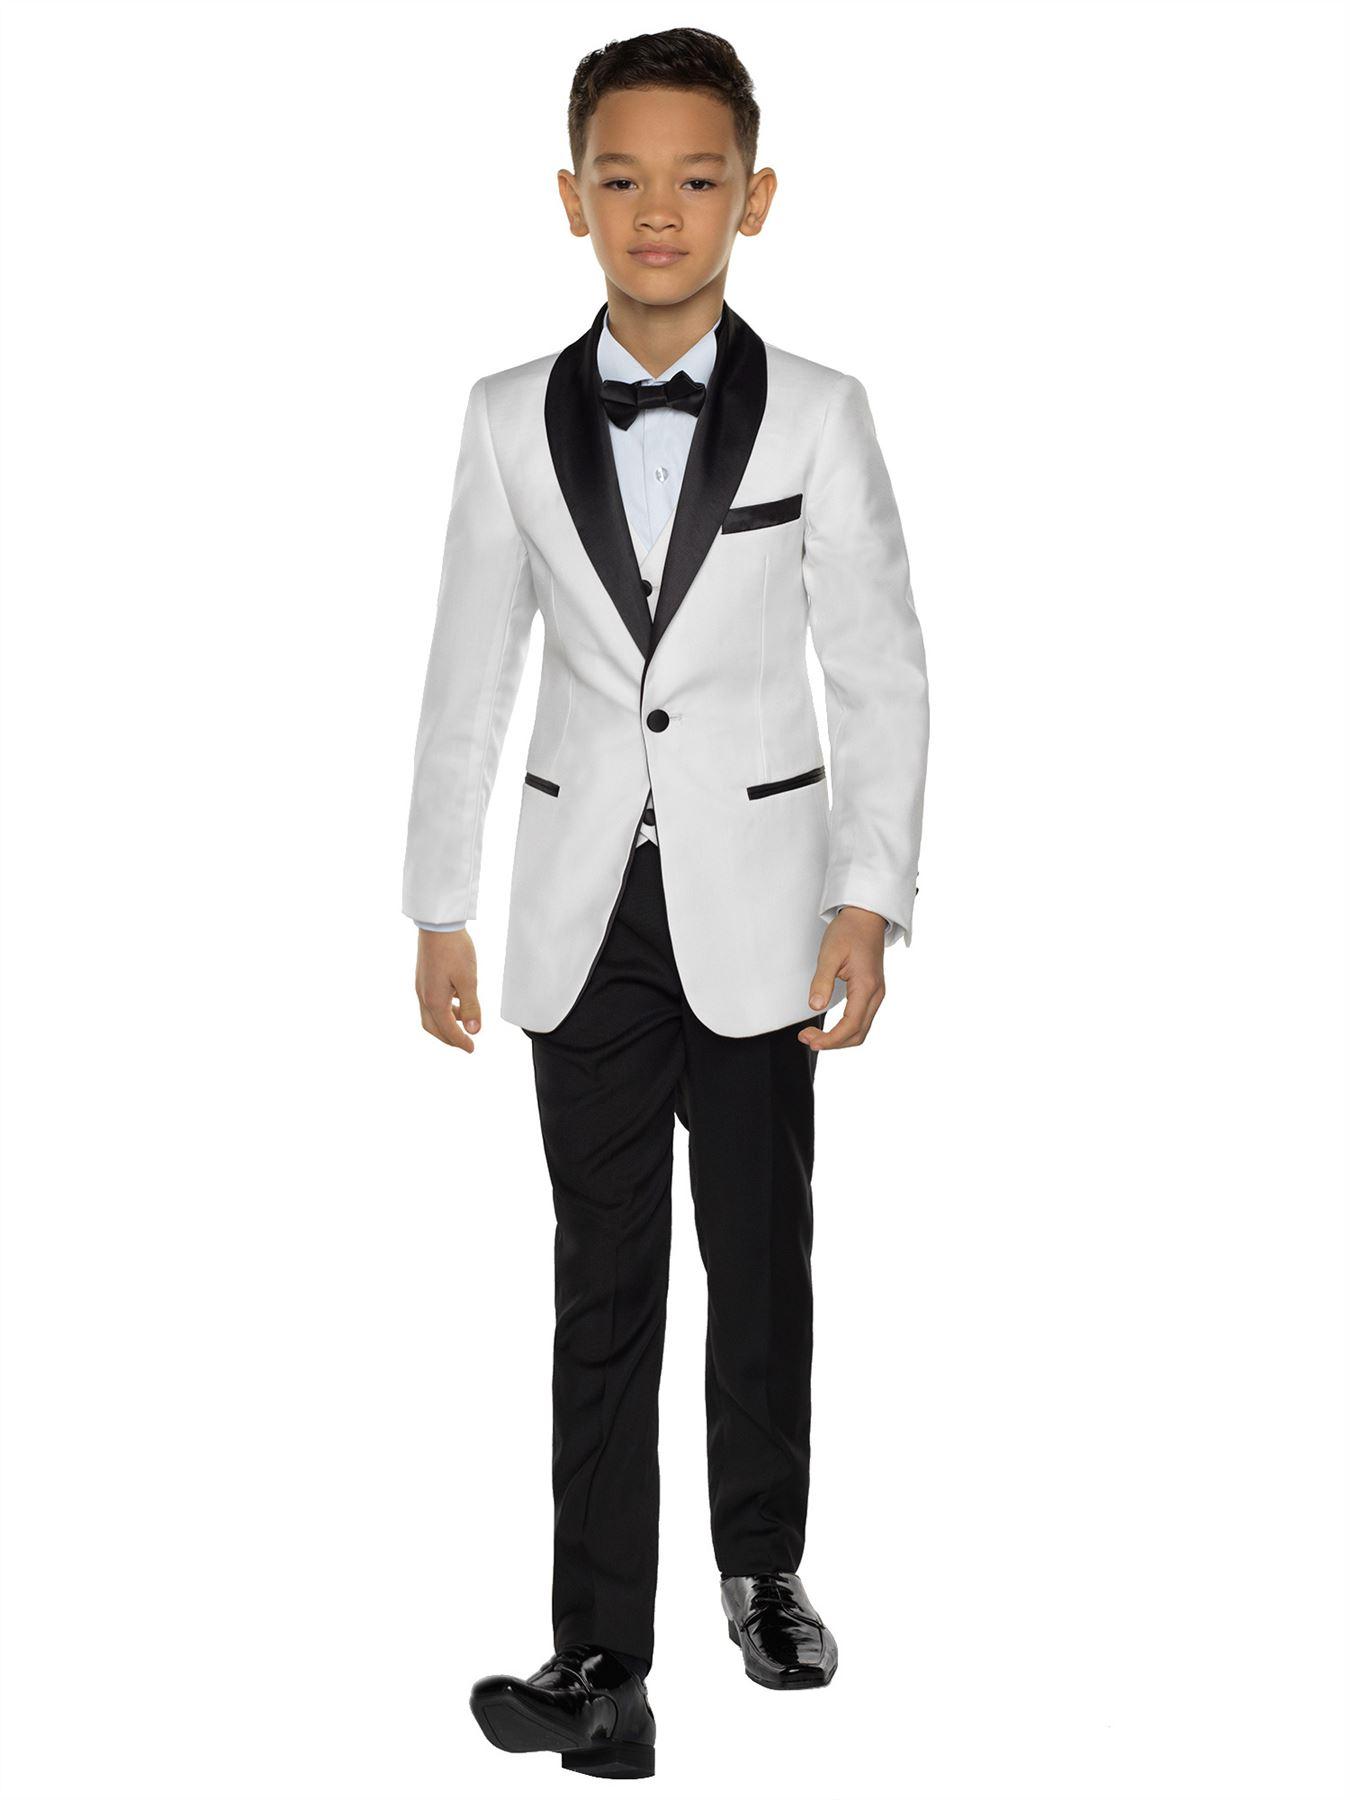 Boys-Tuxedo-Boys-Dinner-Suits-Boys-Formal-Suits-Tuxedo-for-Kids-Kids-Tuxedo